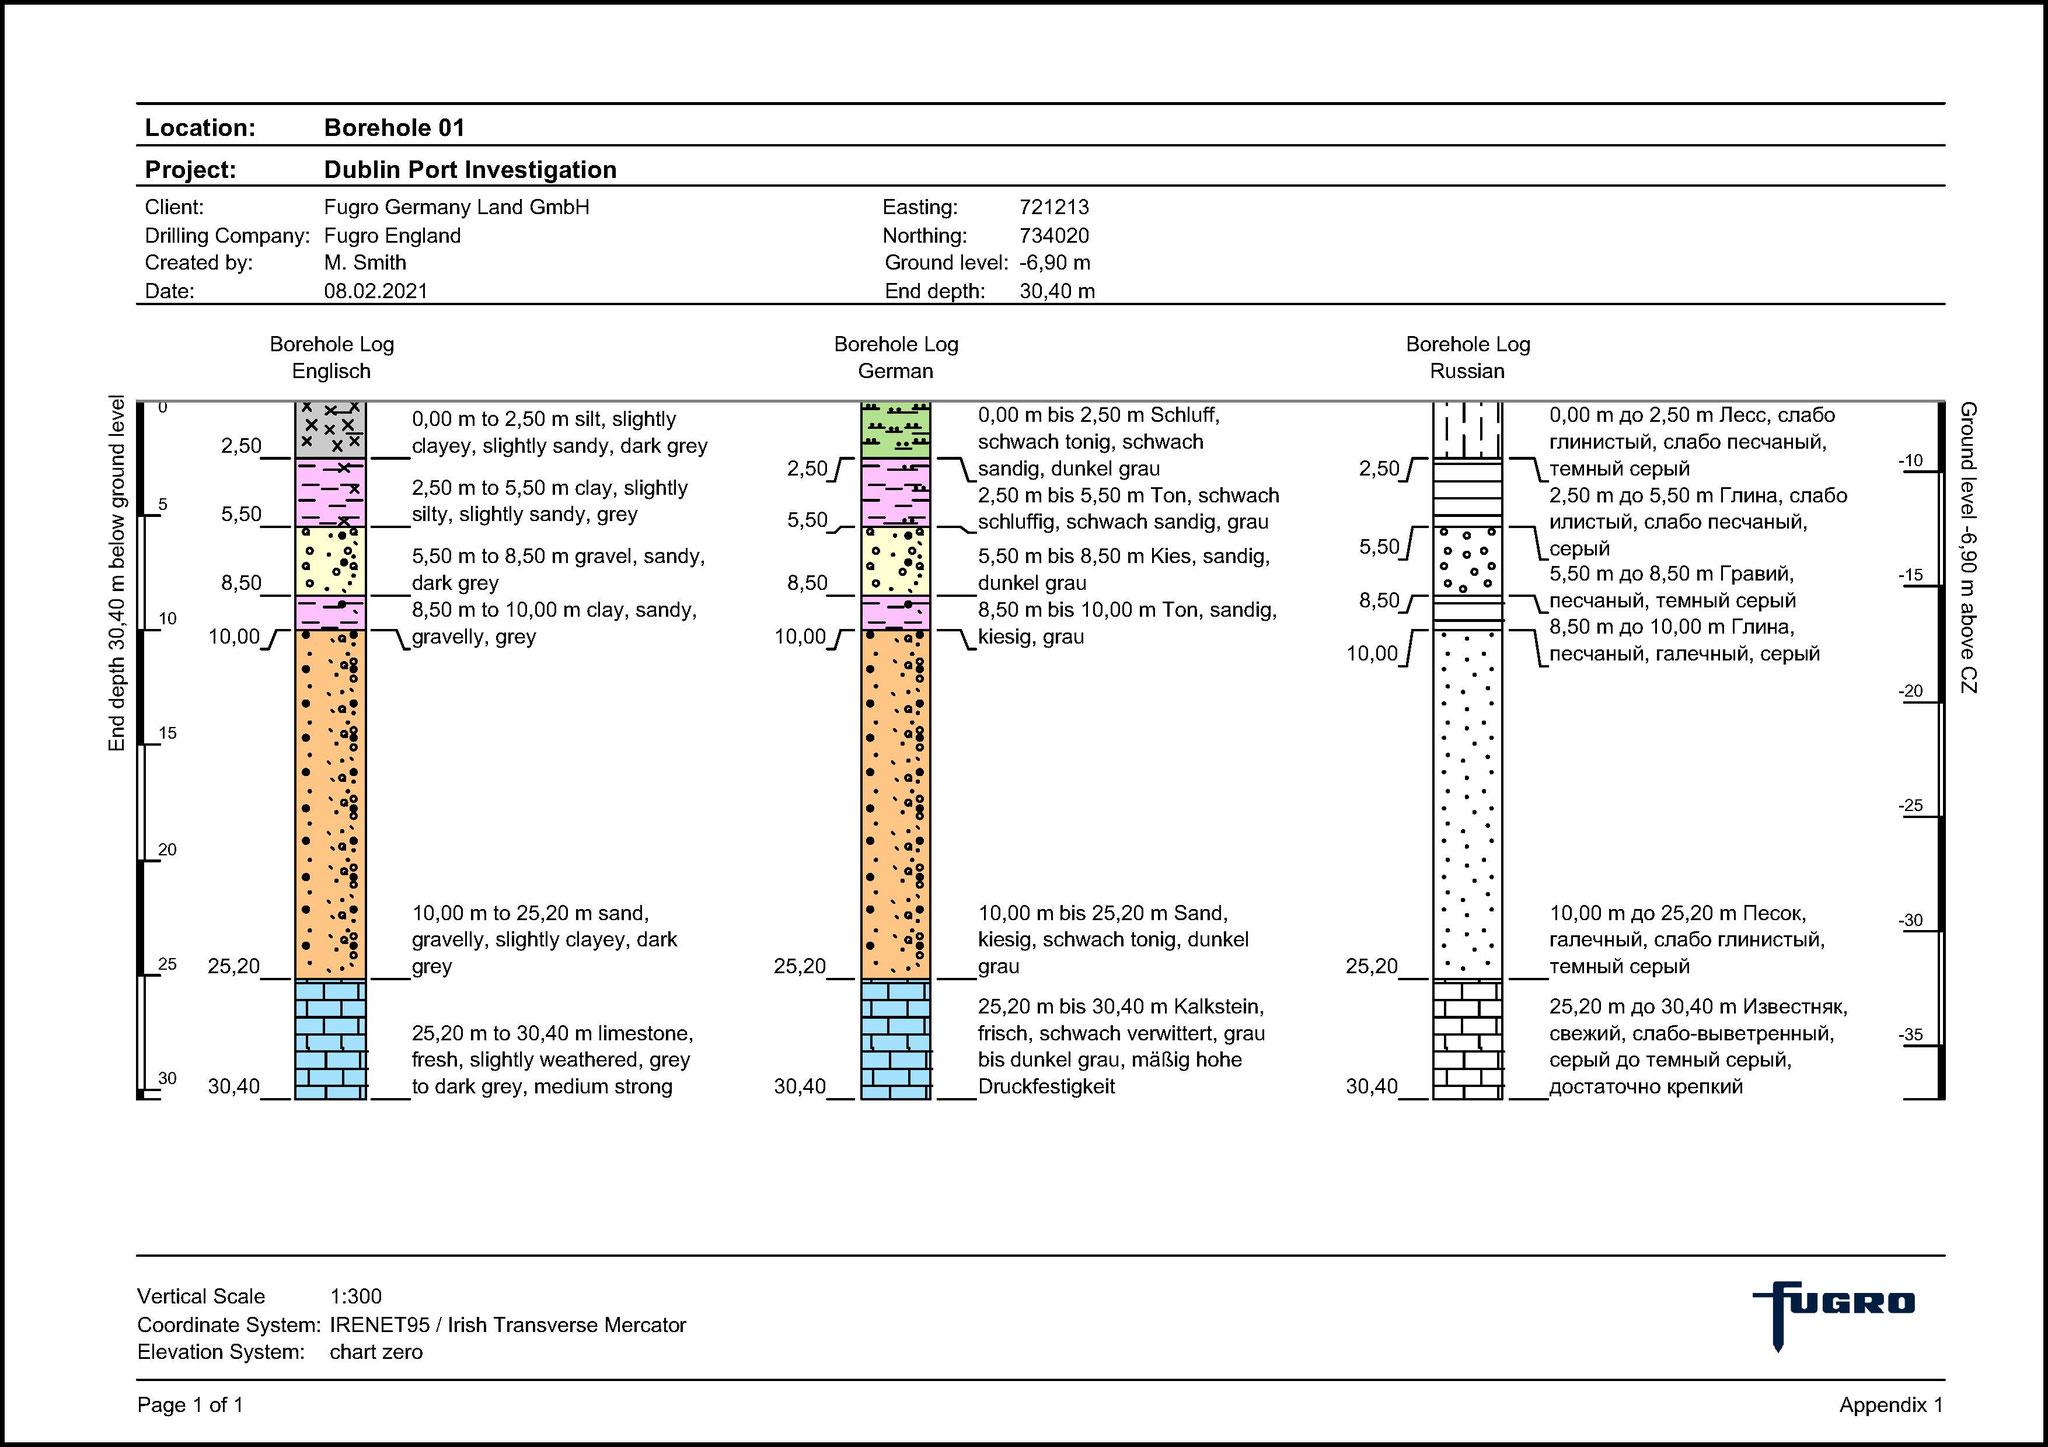 GeODin-Layout zur Darstellung von Schichtdaten in drei Sprachen mit Signaturen in Anlehnung an BS 5930:1999, DIN EN ISO 14688/14689 und GOST 21.302-2013